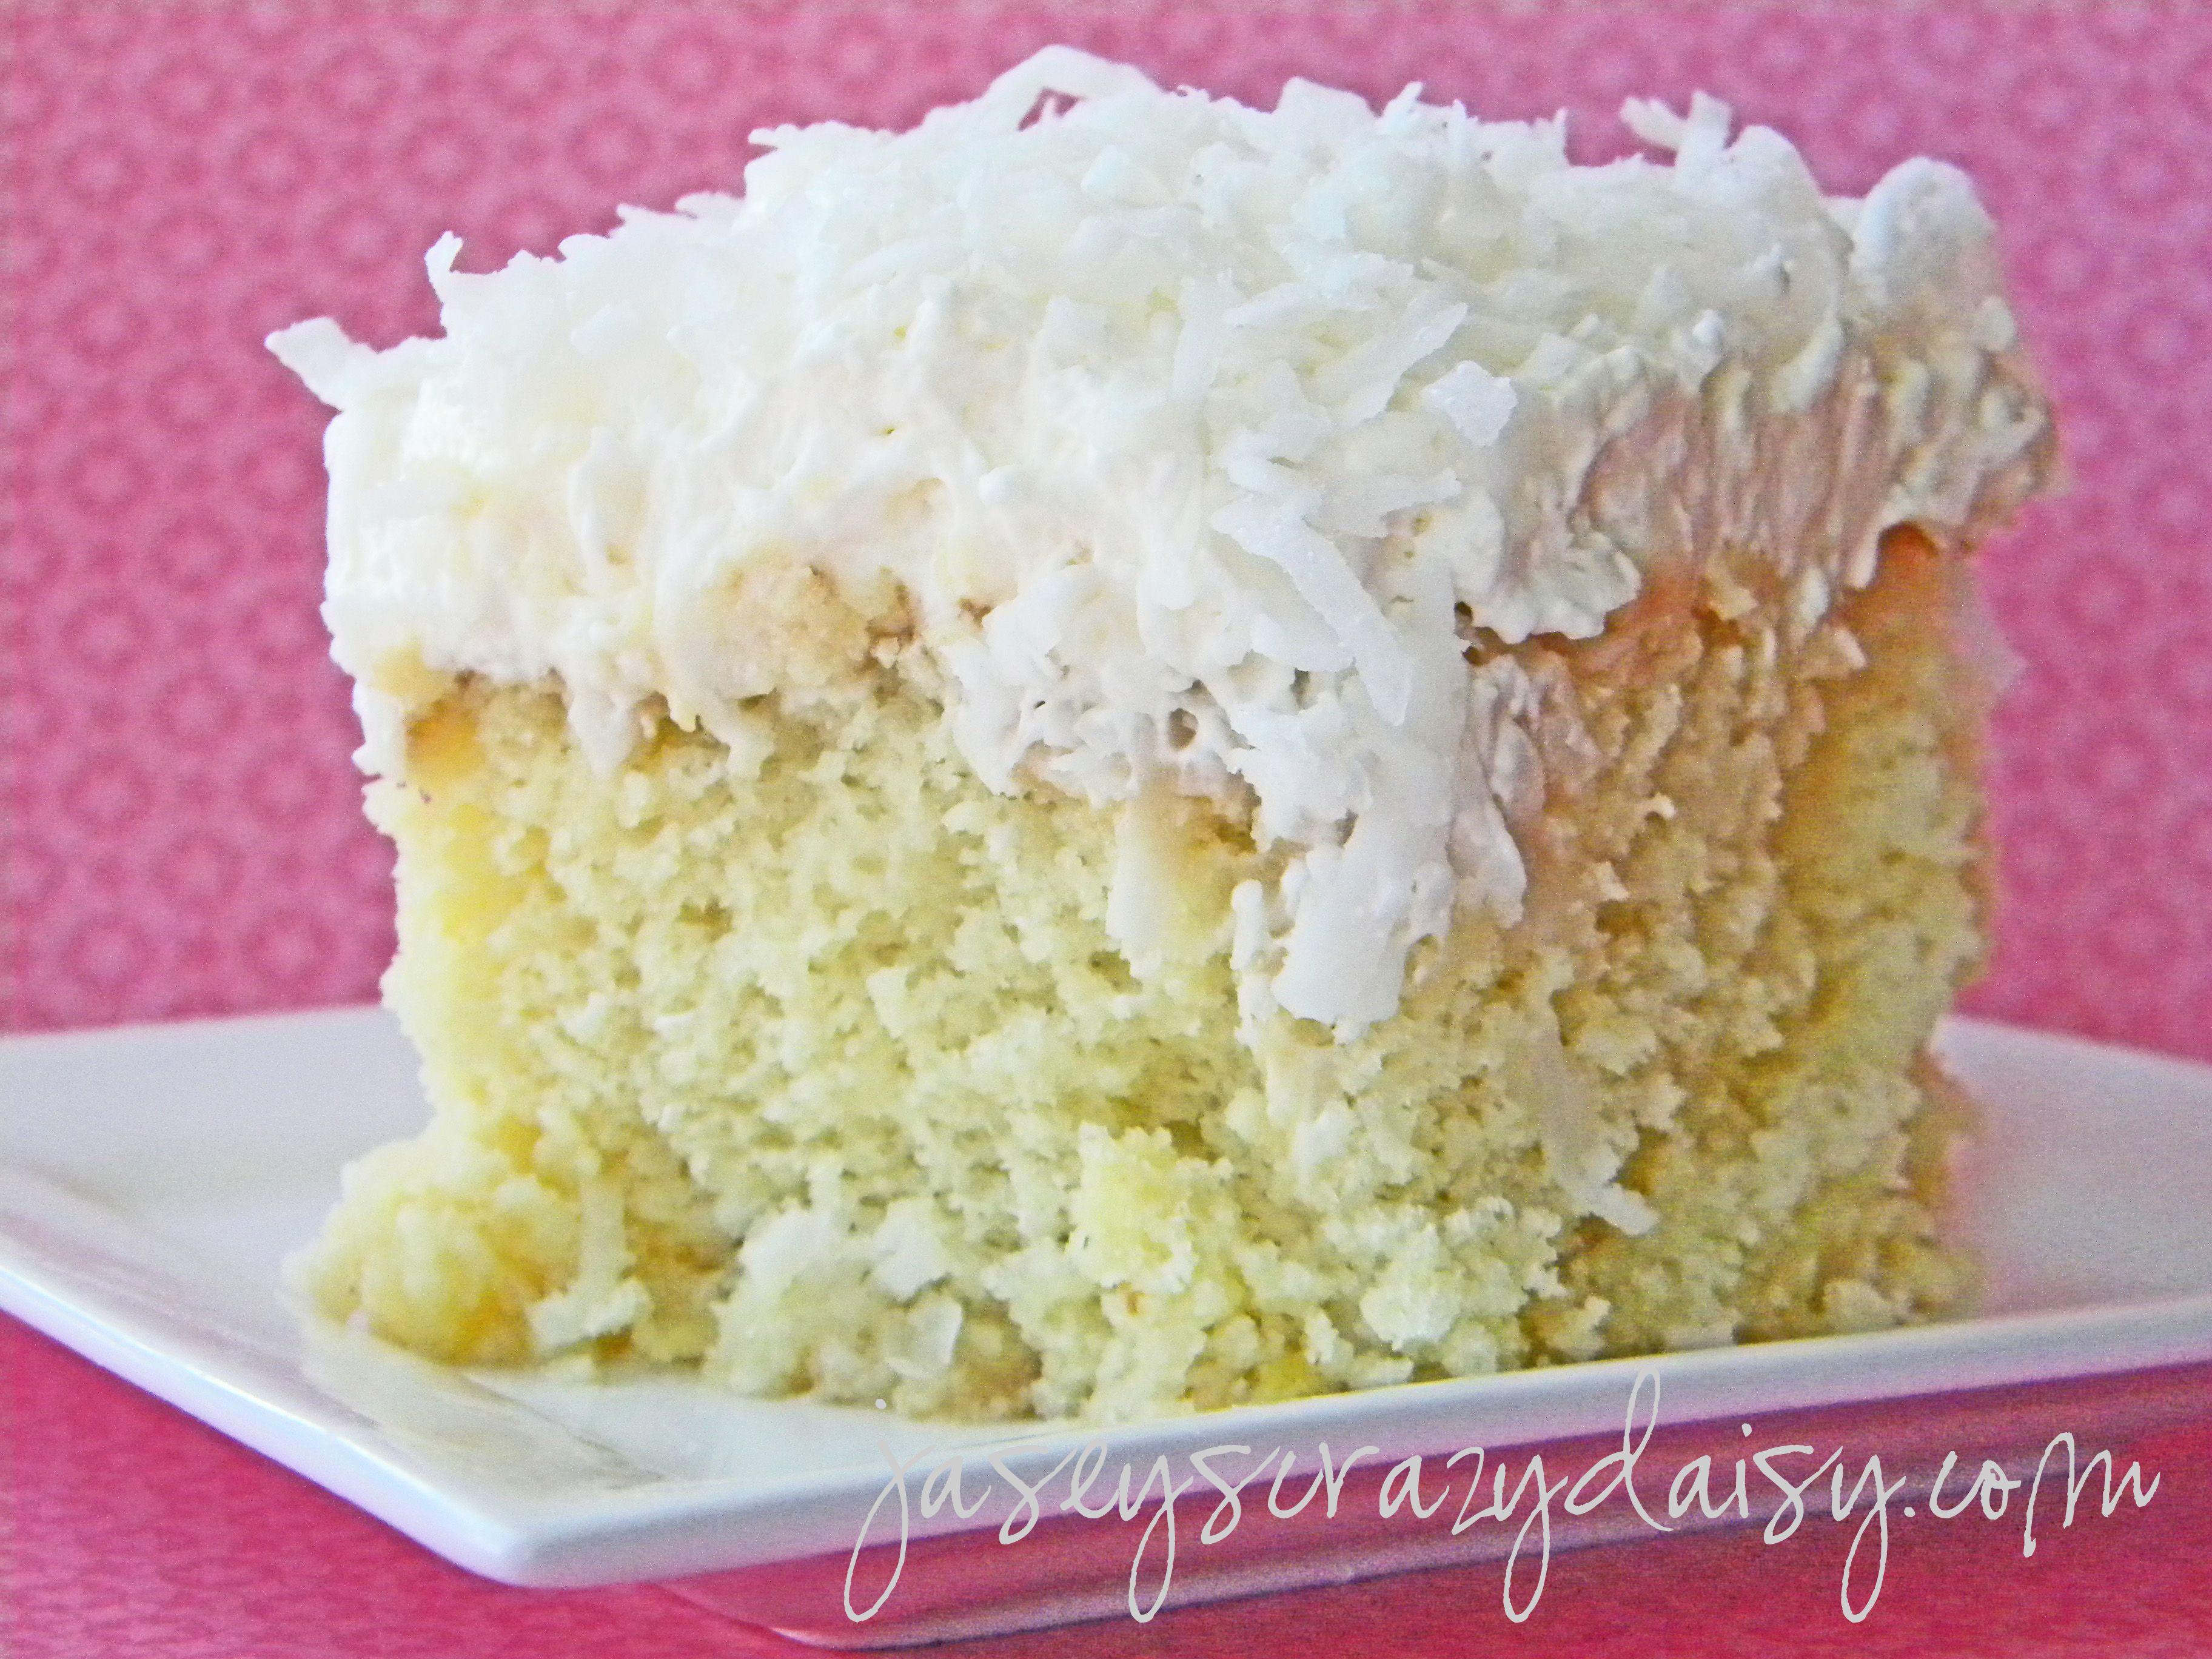 Pina colada in a cake